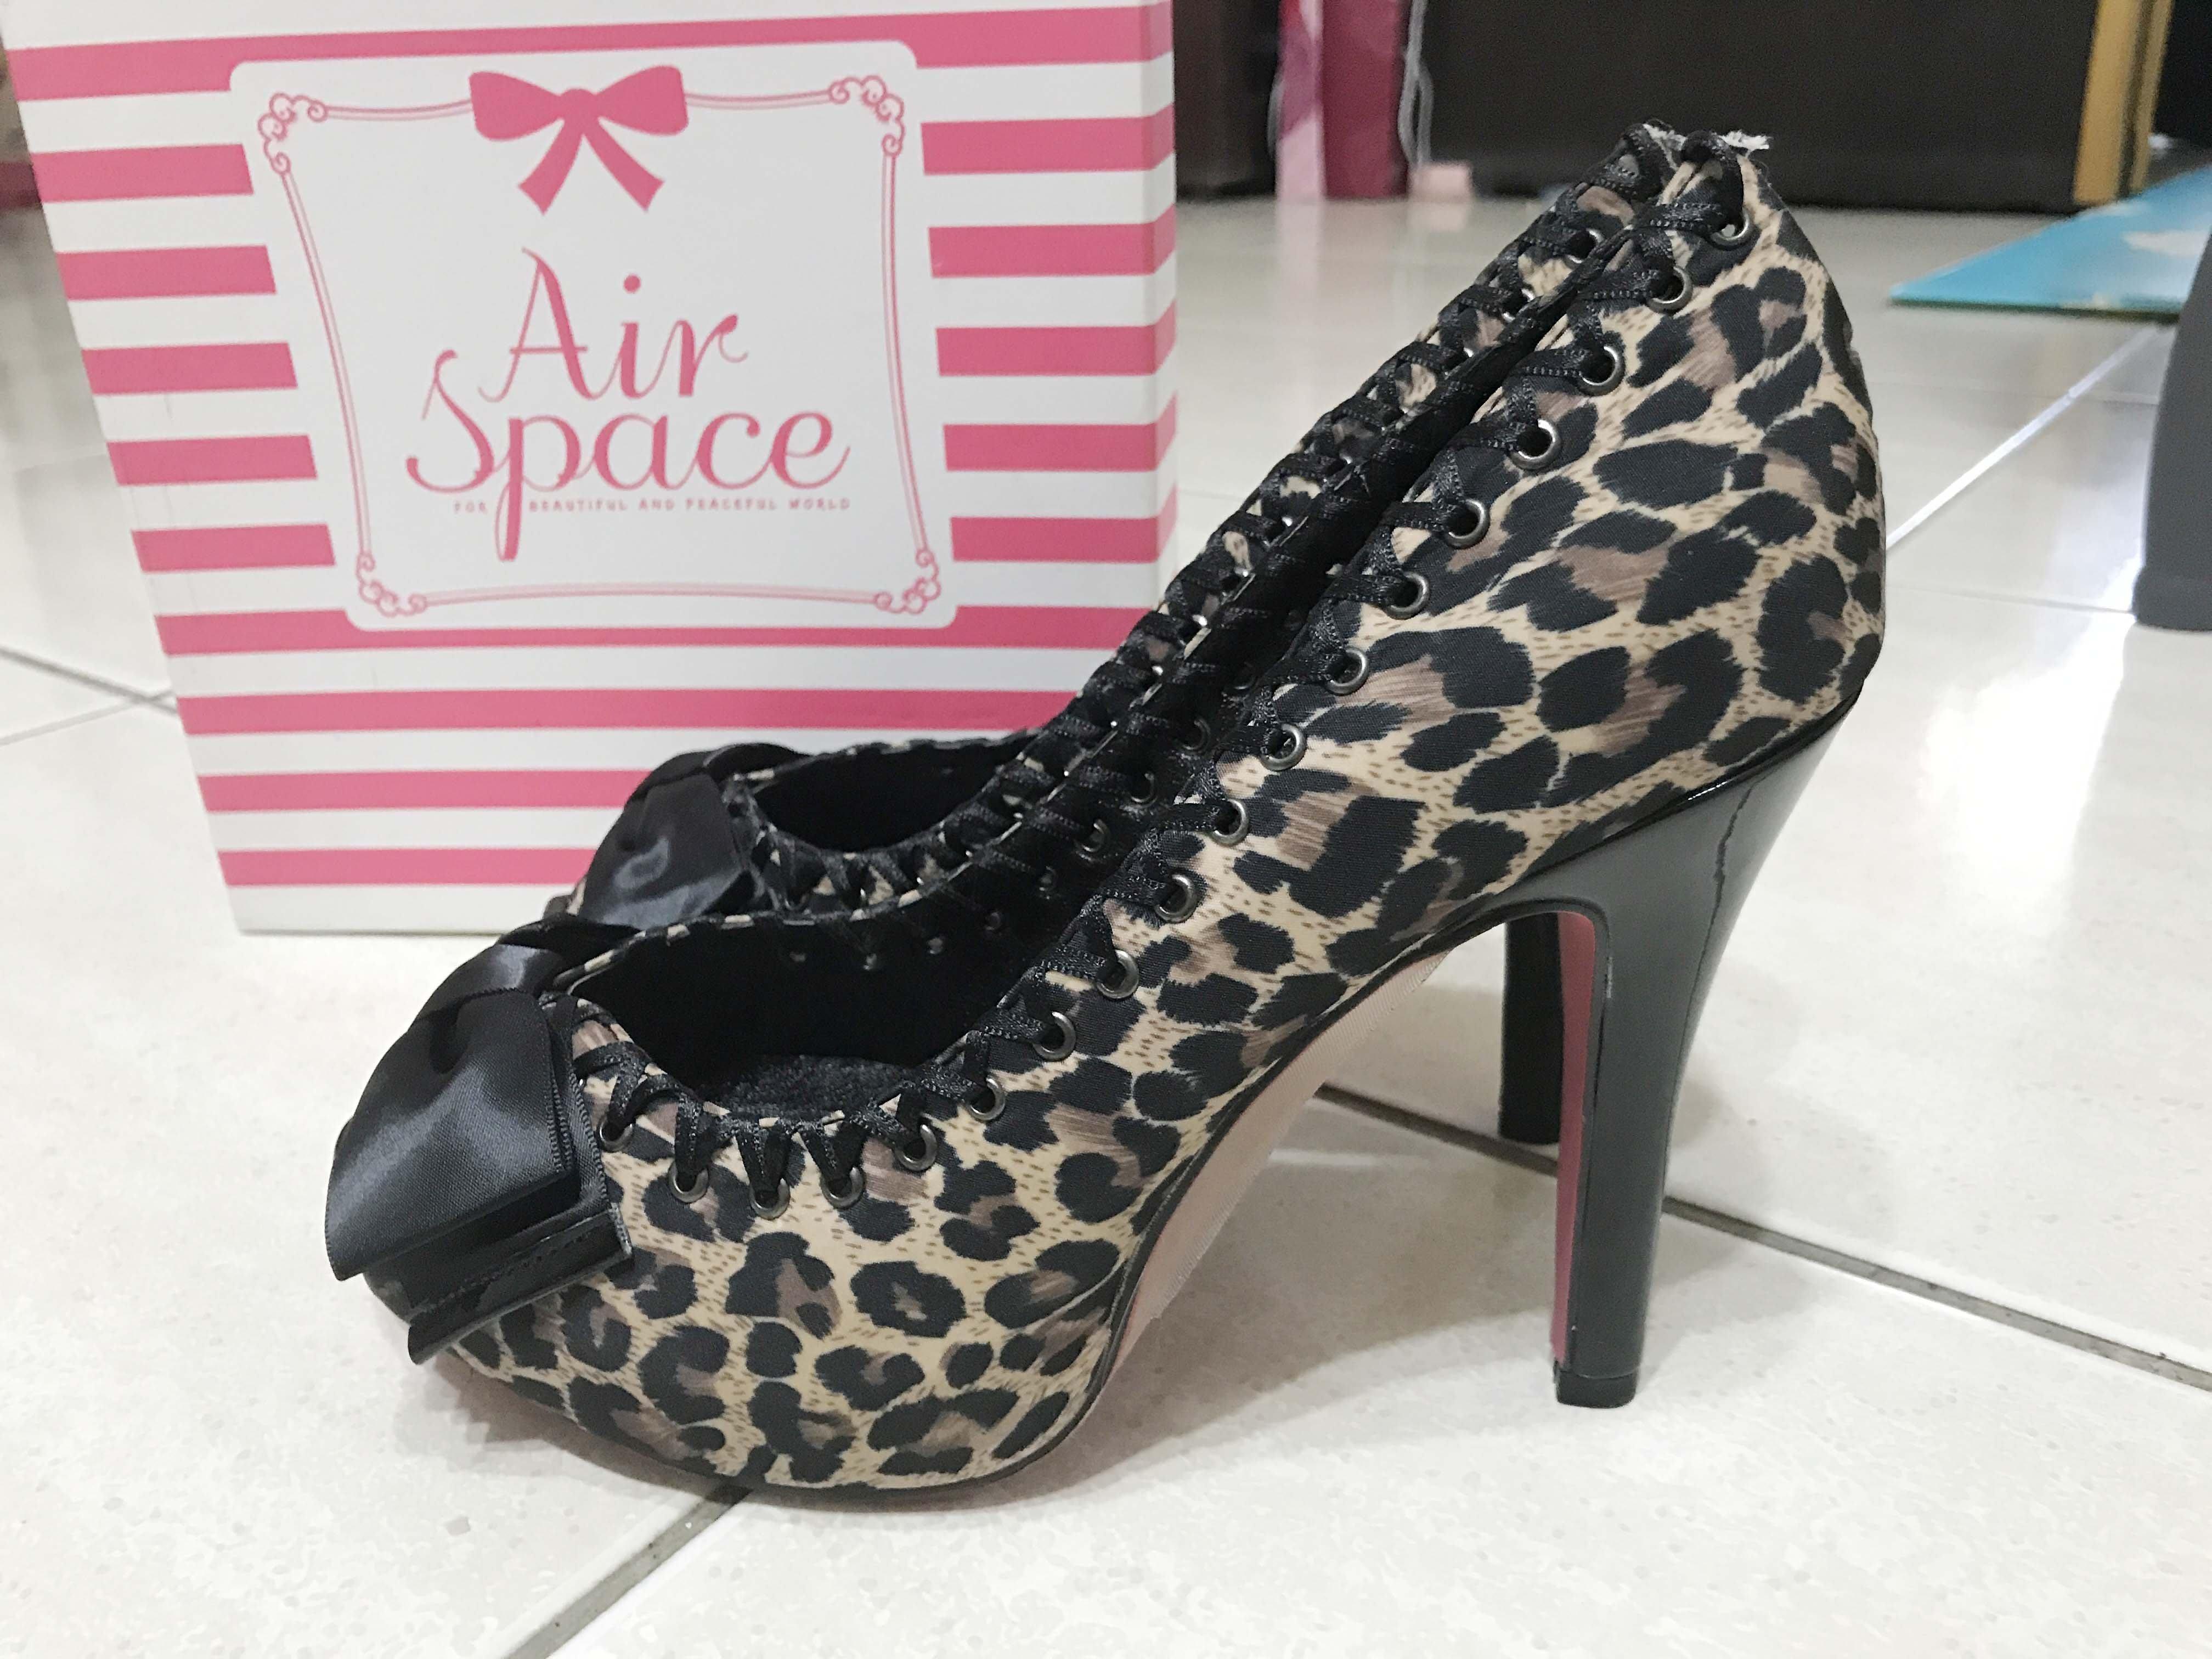 全新【AIR SPACE】 蝴蝶結綴飾性感豹紋露趾 高跟鞋